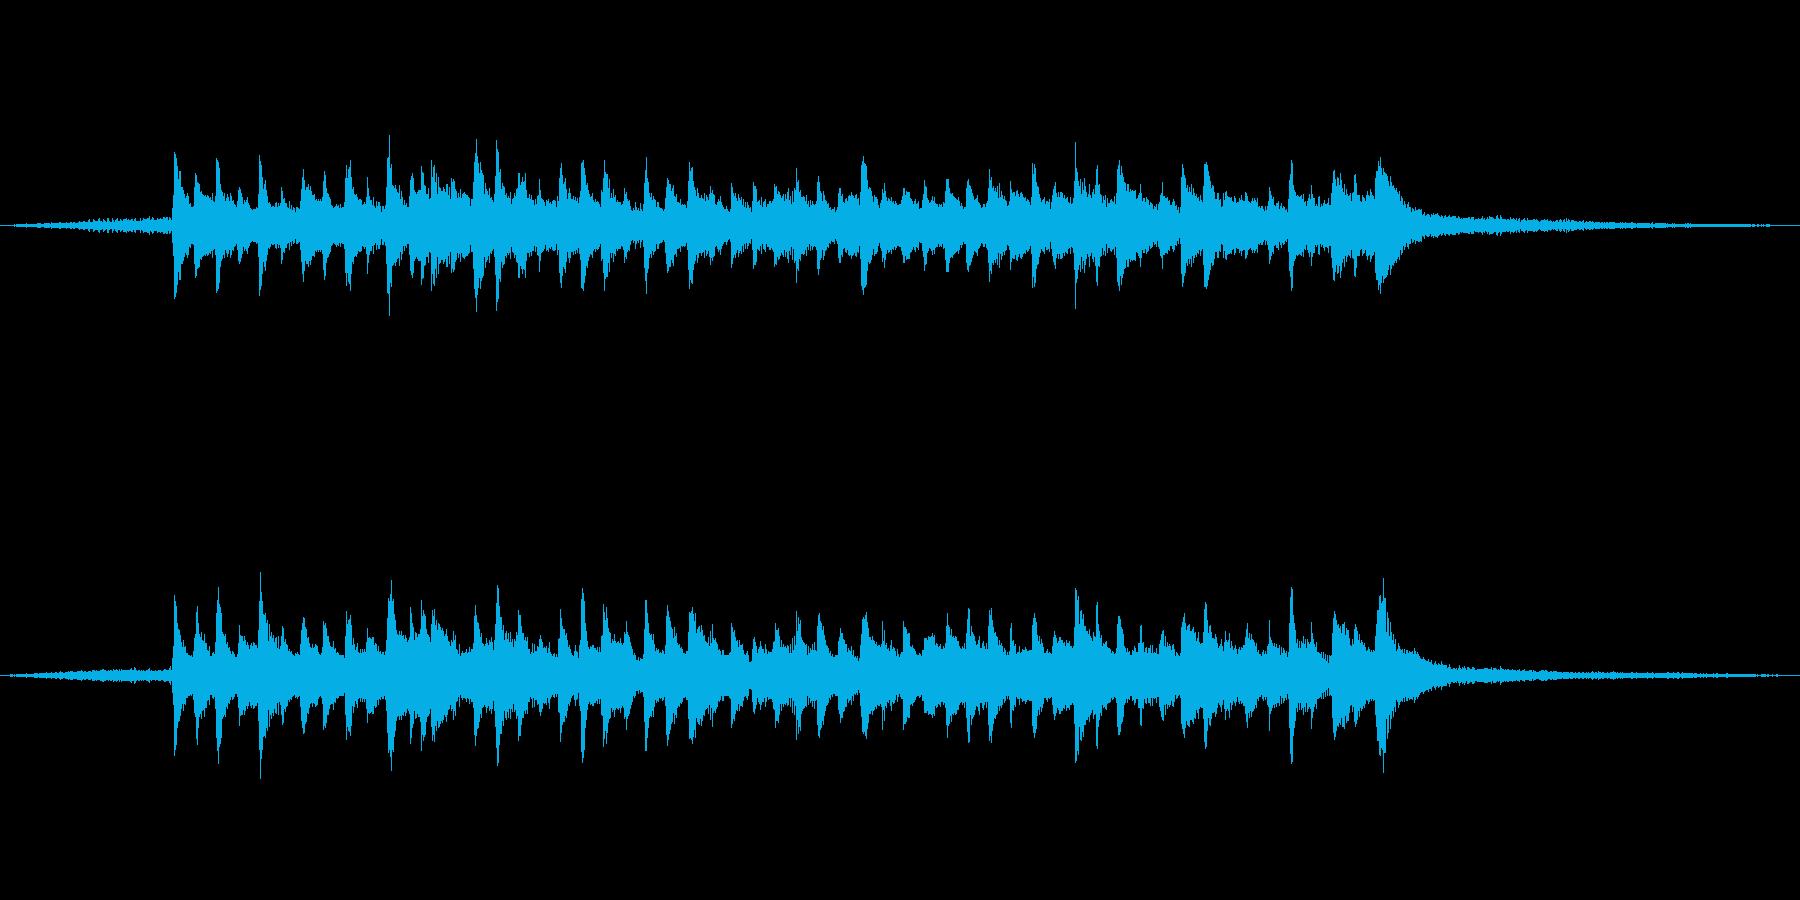 和楽器を使った和風ジングルの再生済みの波形